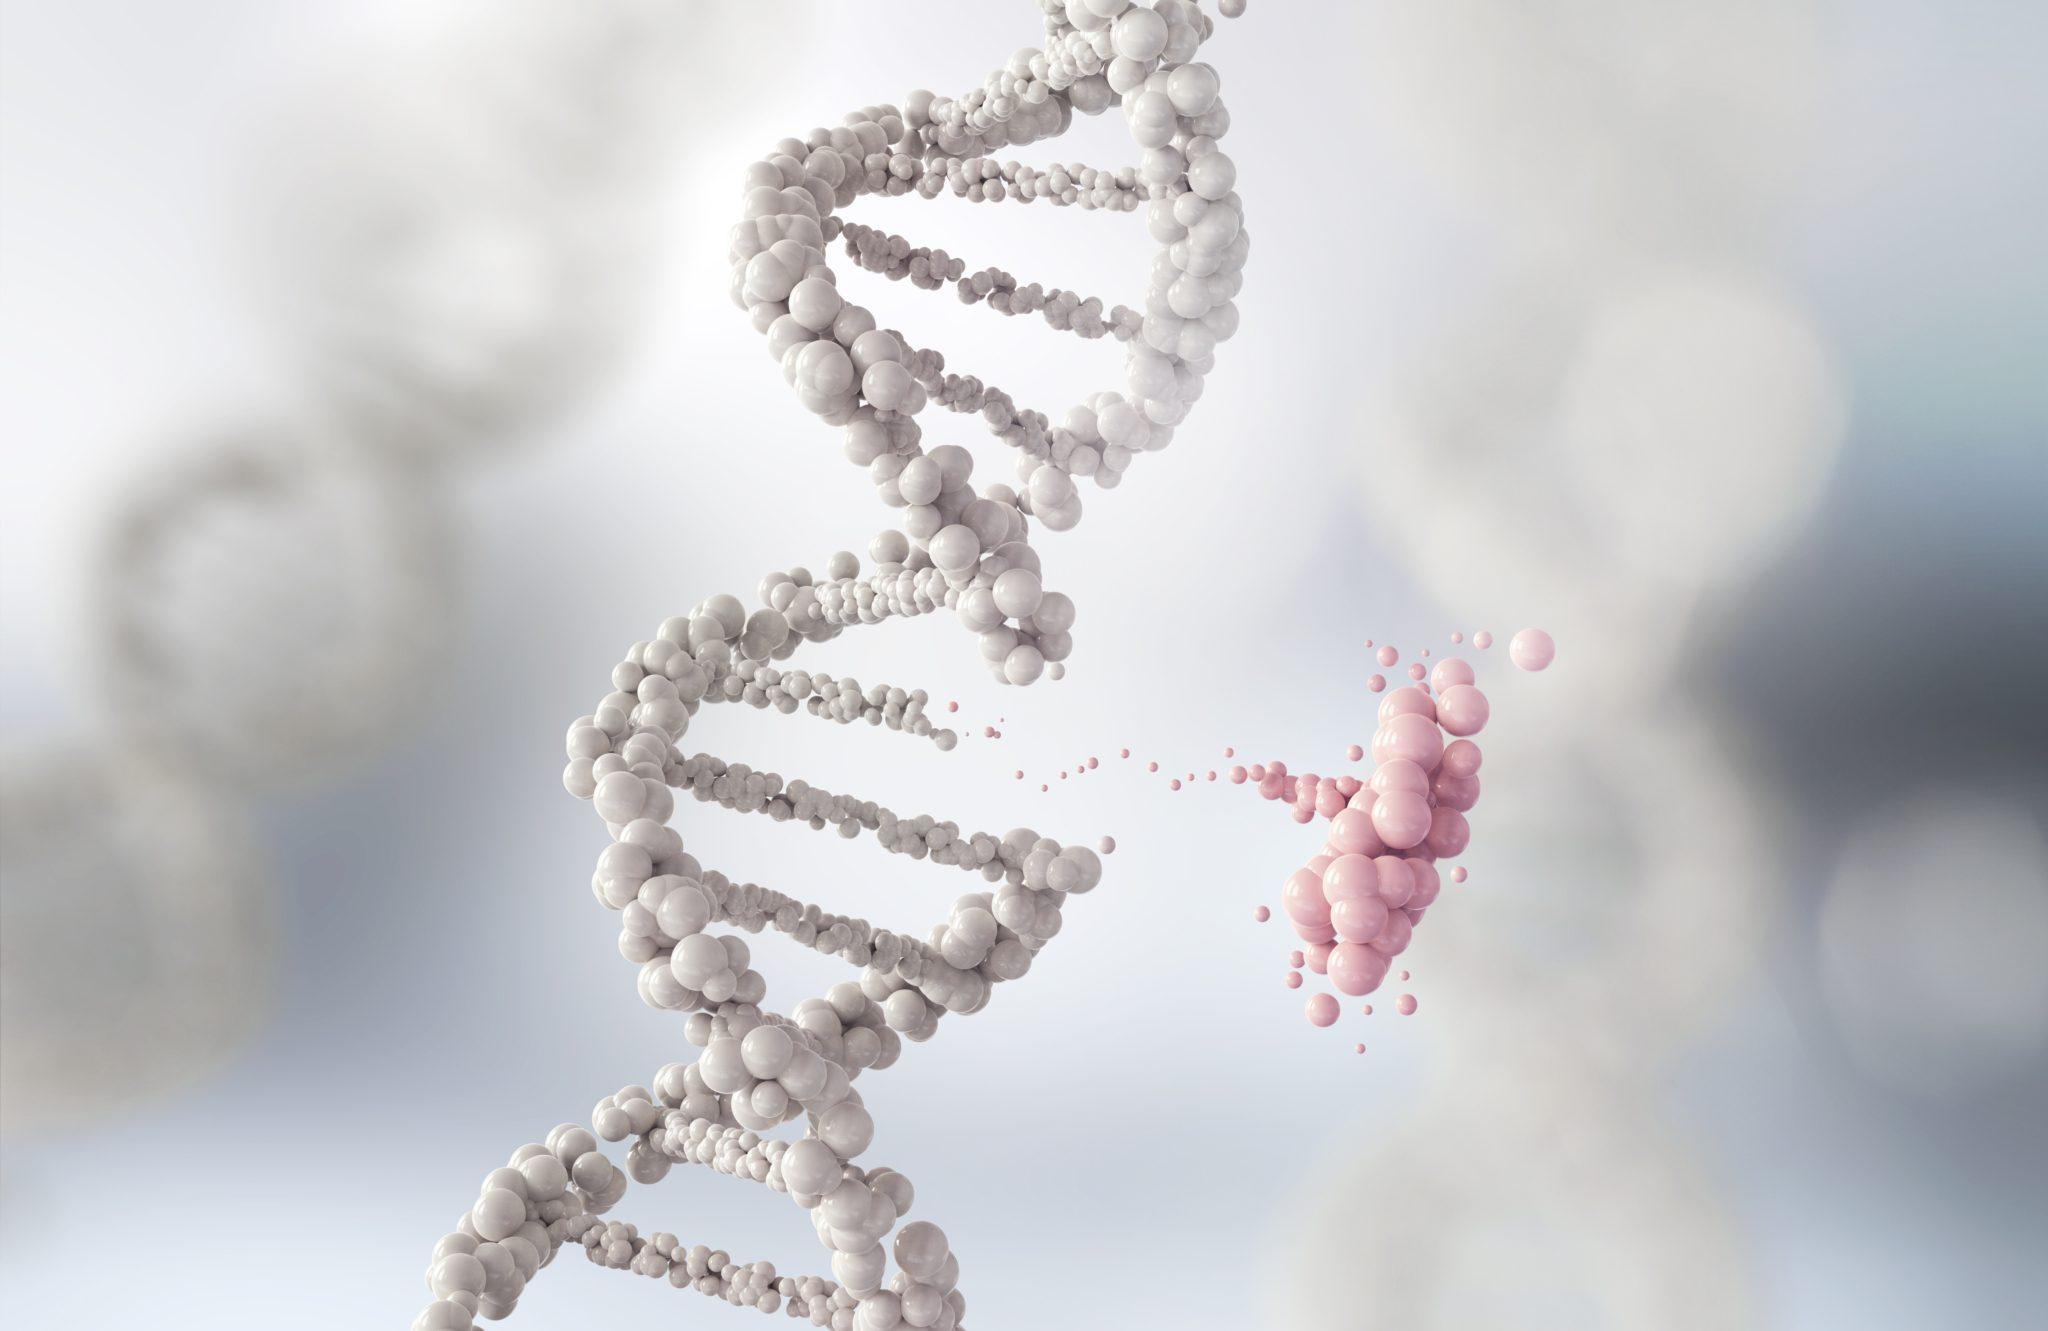 Certificate of Genetic Engineering